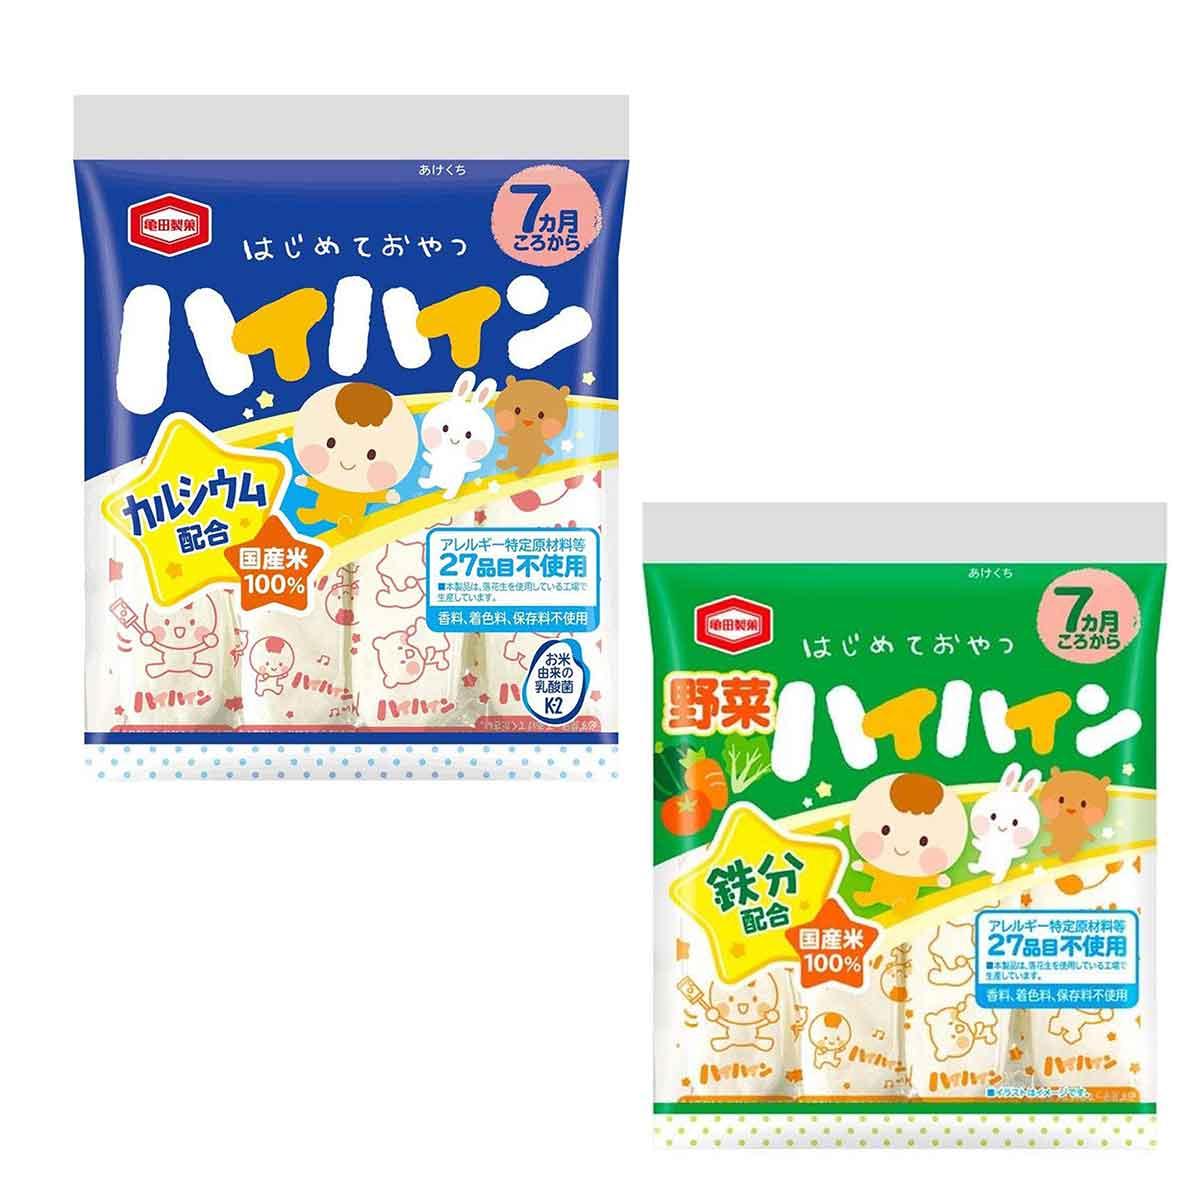 寶寶米餅 日本 野菜米果 53g 日本進口製造